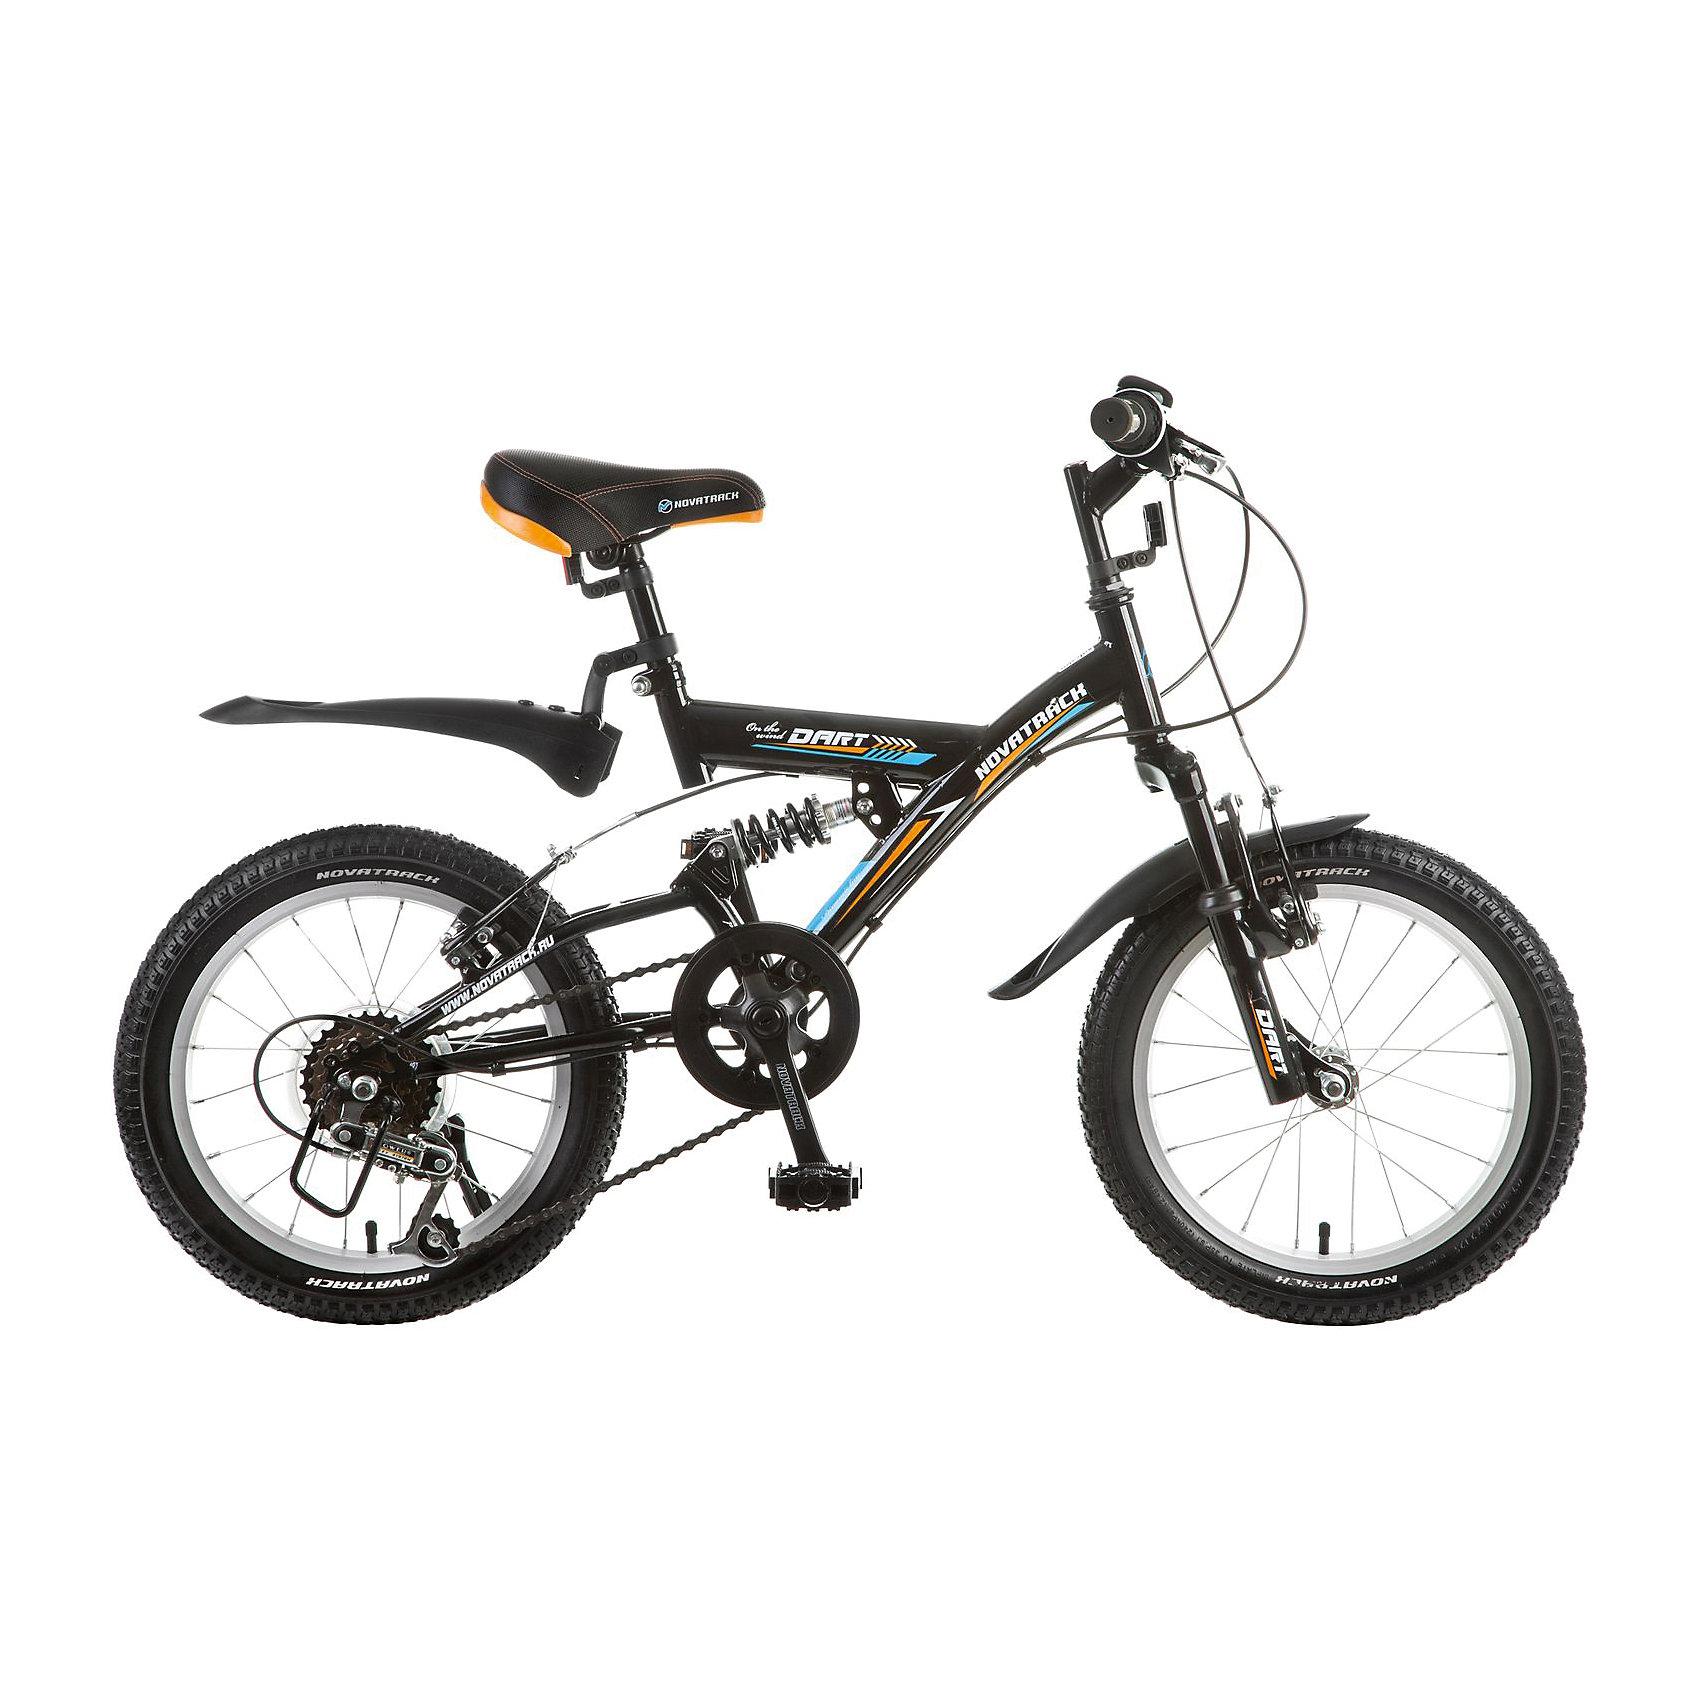 Велосипед DART, черный, 16 дюймов, NovatrackВелосипеды детские<br>Велосипед Novatrack Dart 16 это один из велосипедов, который чаще всего выбирают для ребят 5-7 лет. А в этом возрасте они уже четко знают, чего хотят Передний и задний амортизаторы, как на больших спортивных велосипедах, переключатель скоростей на руле, целых два тормозапередний и задний, которыми, как показывает практика, дети быстро учатся управлять. Велосипед оборудован мягким регулируемым седлом, которое обеспечит удобную посадку во время катания. Руль велосипеда также регулируется по высоте, благодаря чему велосипед долго будет соответствовать росту ребенка. Велосипед Novatrack Dart 16 оборудован 5-скоростной системой и подходит для катания не только во дворе, но и в парках, а также за городом.<br><br>Ширина мм: 900<br>Глубина мм: 180<br>Высота мм: 420<br>Вес г: 12000<br>Возраст от месяцев: 72<br>Возраст до месяцев: 108<br>Пол: Унисекс<br>Возраст: Детский<br>SKU: 5613215